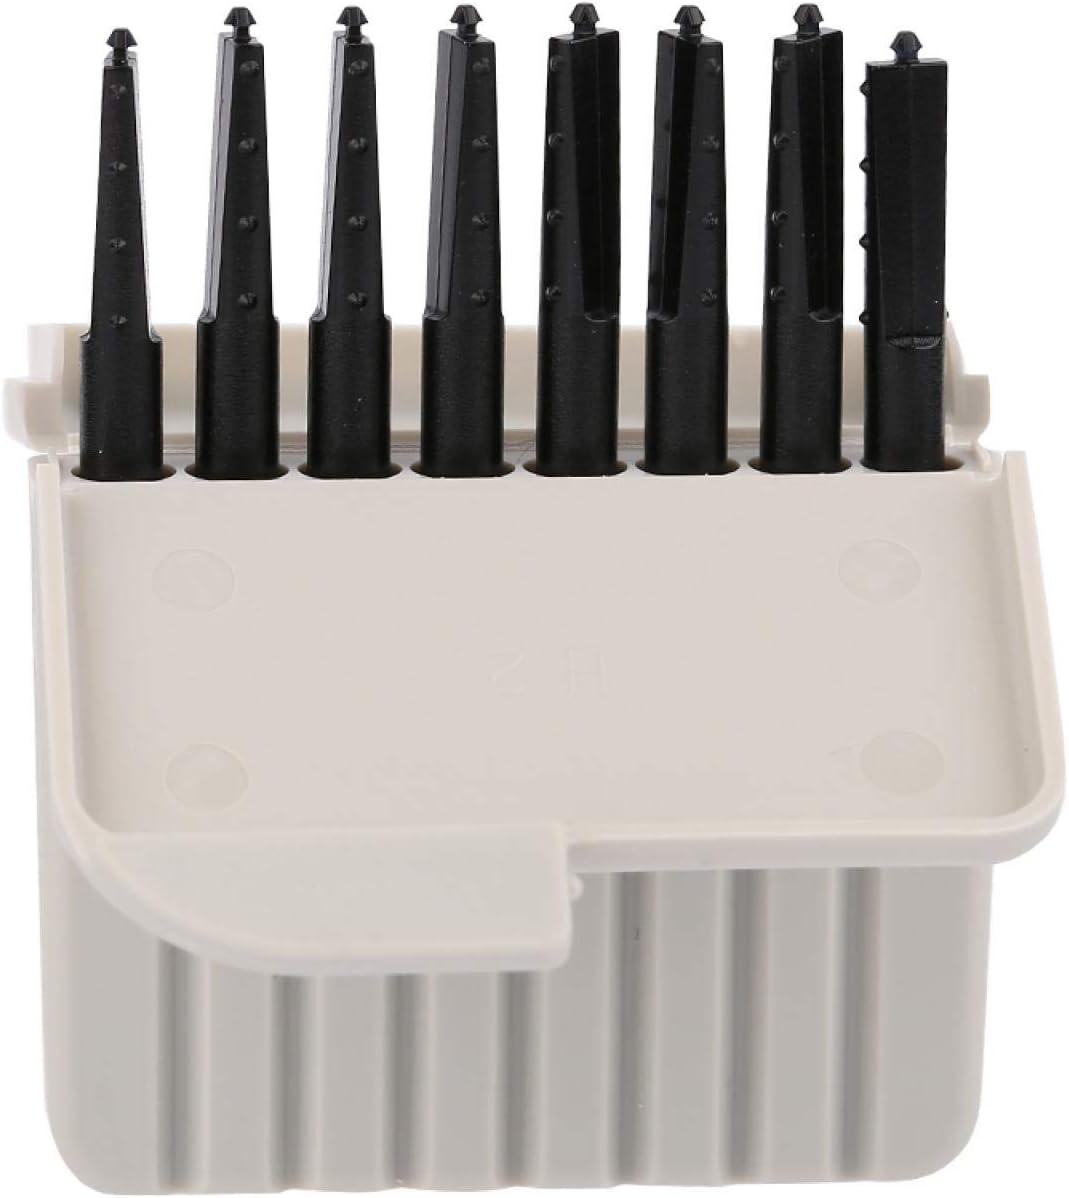 protezione per il cerume in plastica facile da installare per apparecchi acustici Protezioni acustiche resistenti allolio 8 pezzi//set Filtro per apparecchi acustici impermeabile